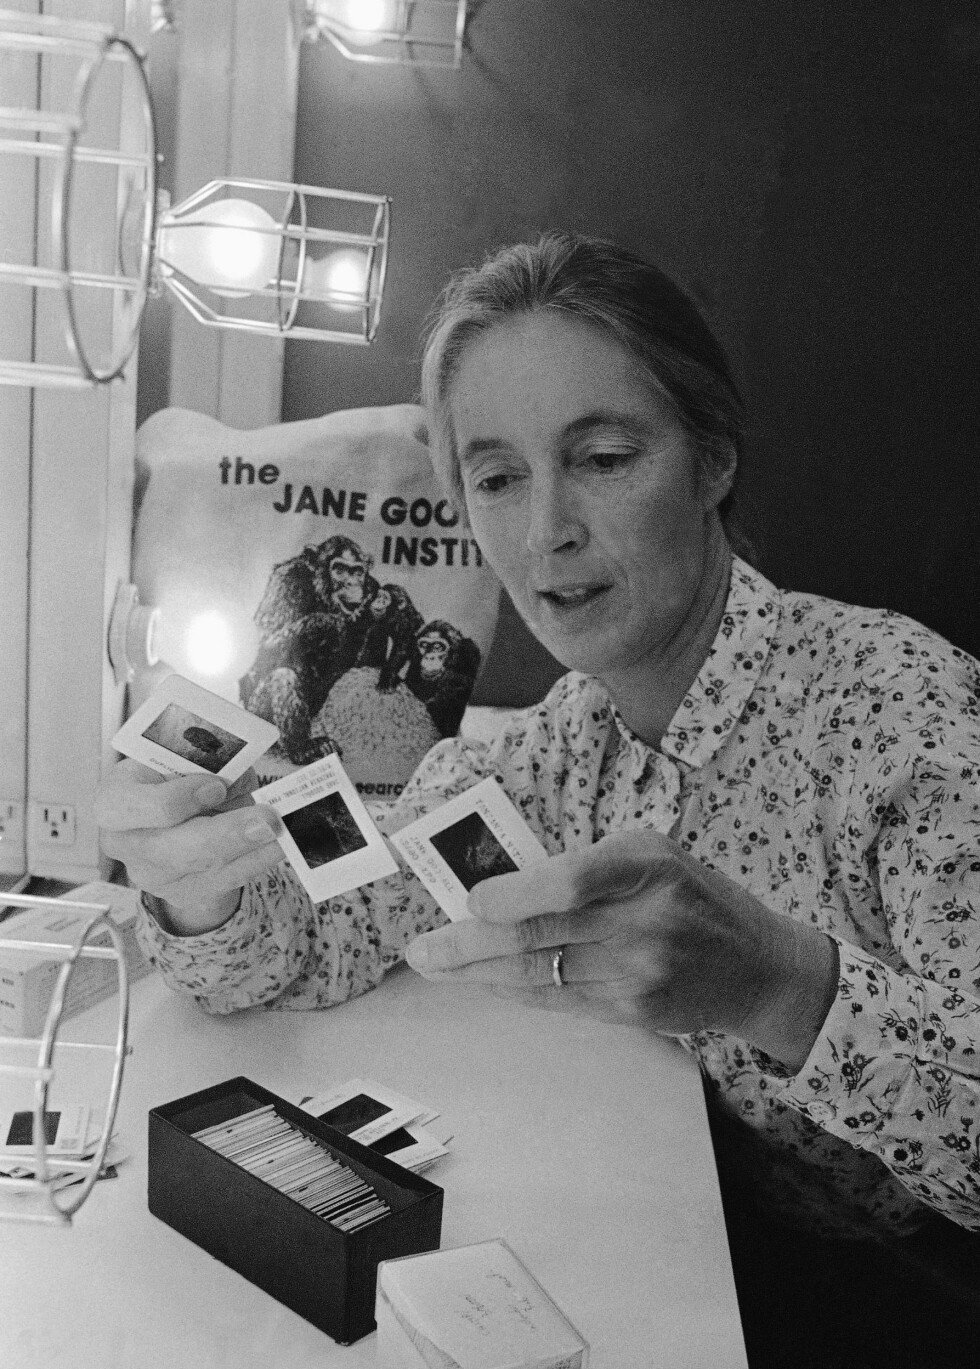 OPPRETTET INSTITUTT: I 1977 ble The Jane Goodall Institute (JGI) etablert, og antropologen fortsatte å forske på dyr og jobbe for økt fokus på miljøvern. Foto: NTB Scanpix